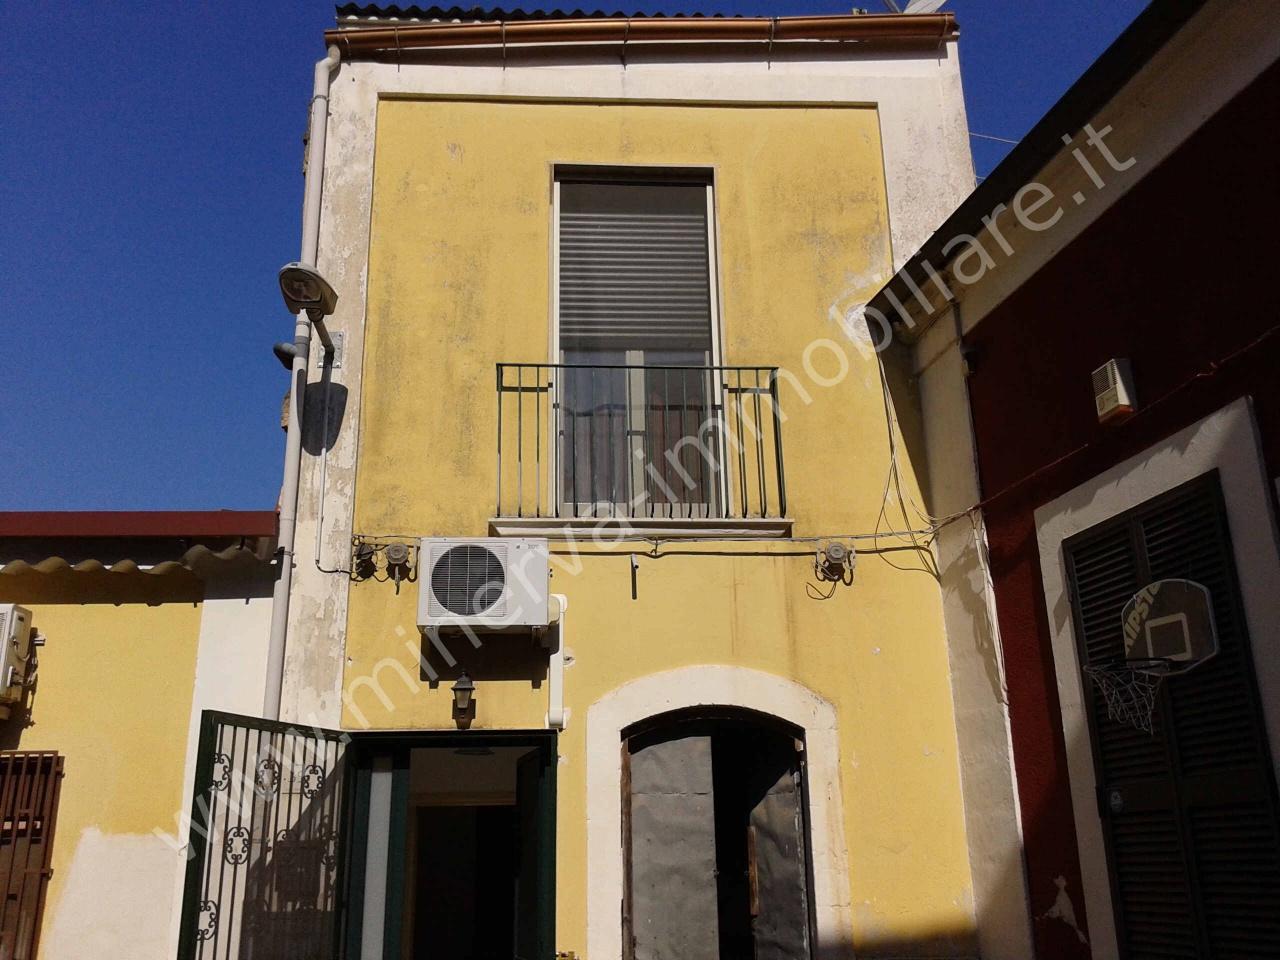 Appartamento indipendente 5 locali in vendita a Lentini (SR)